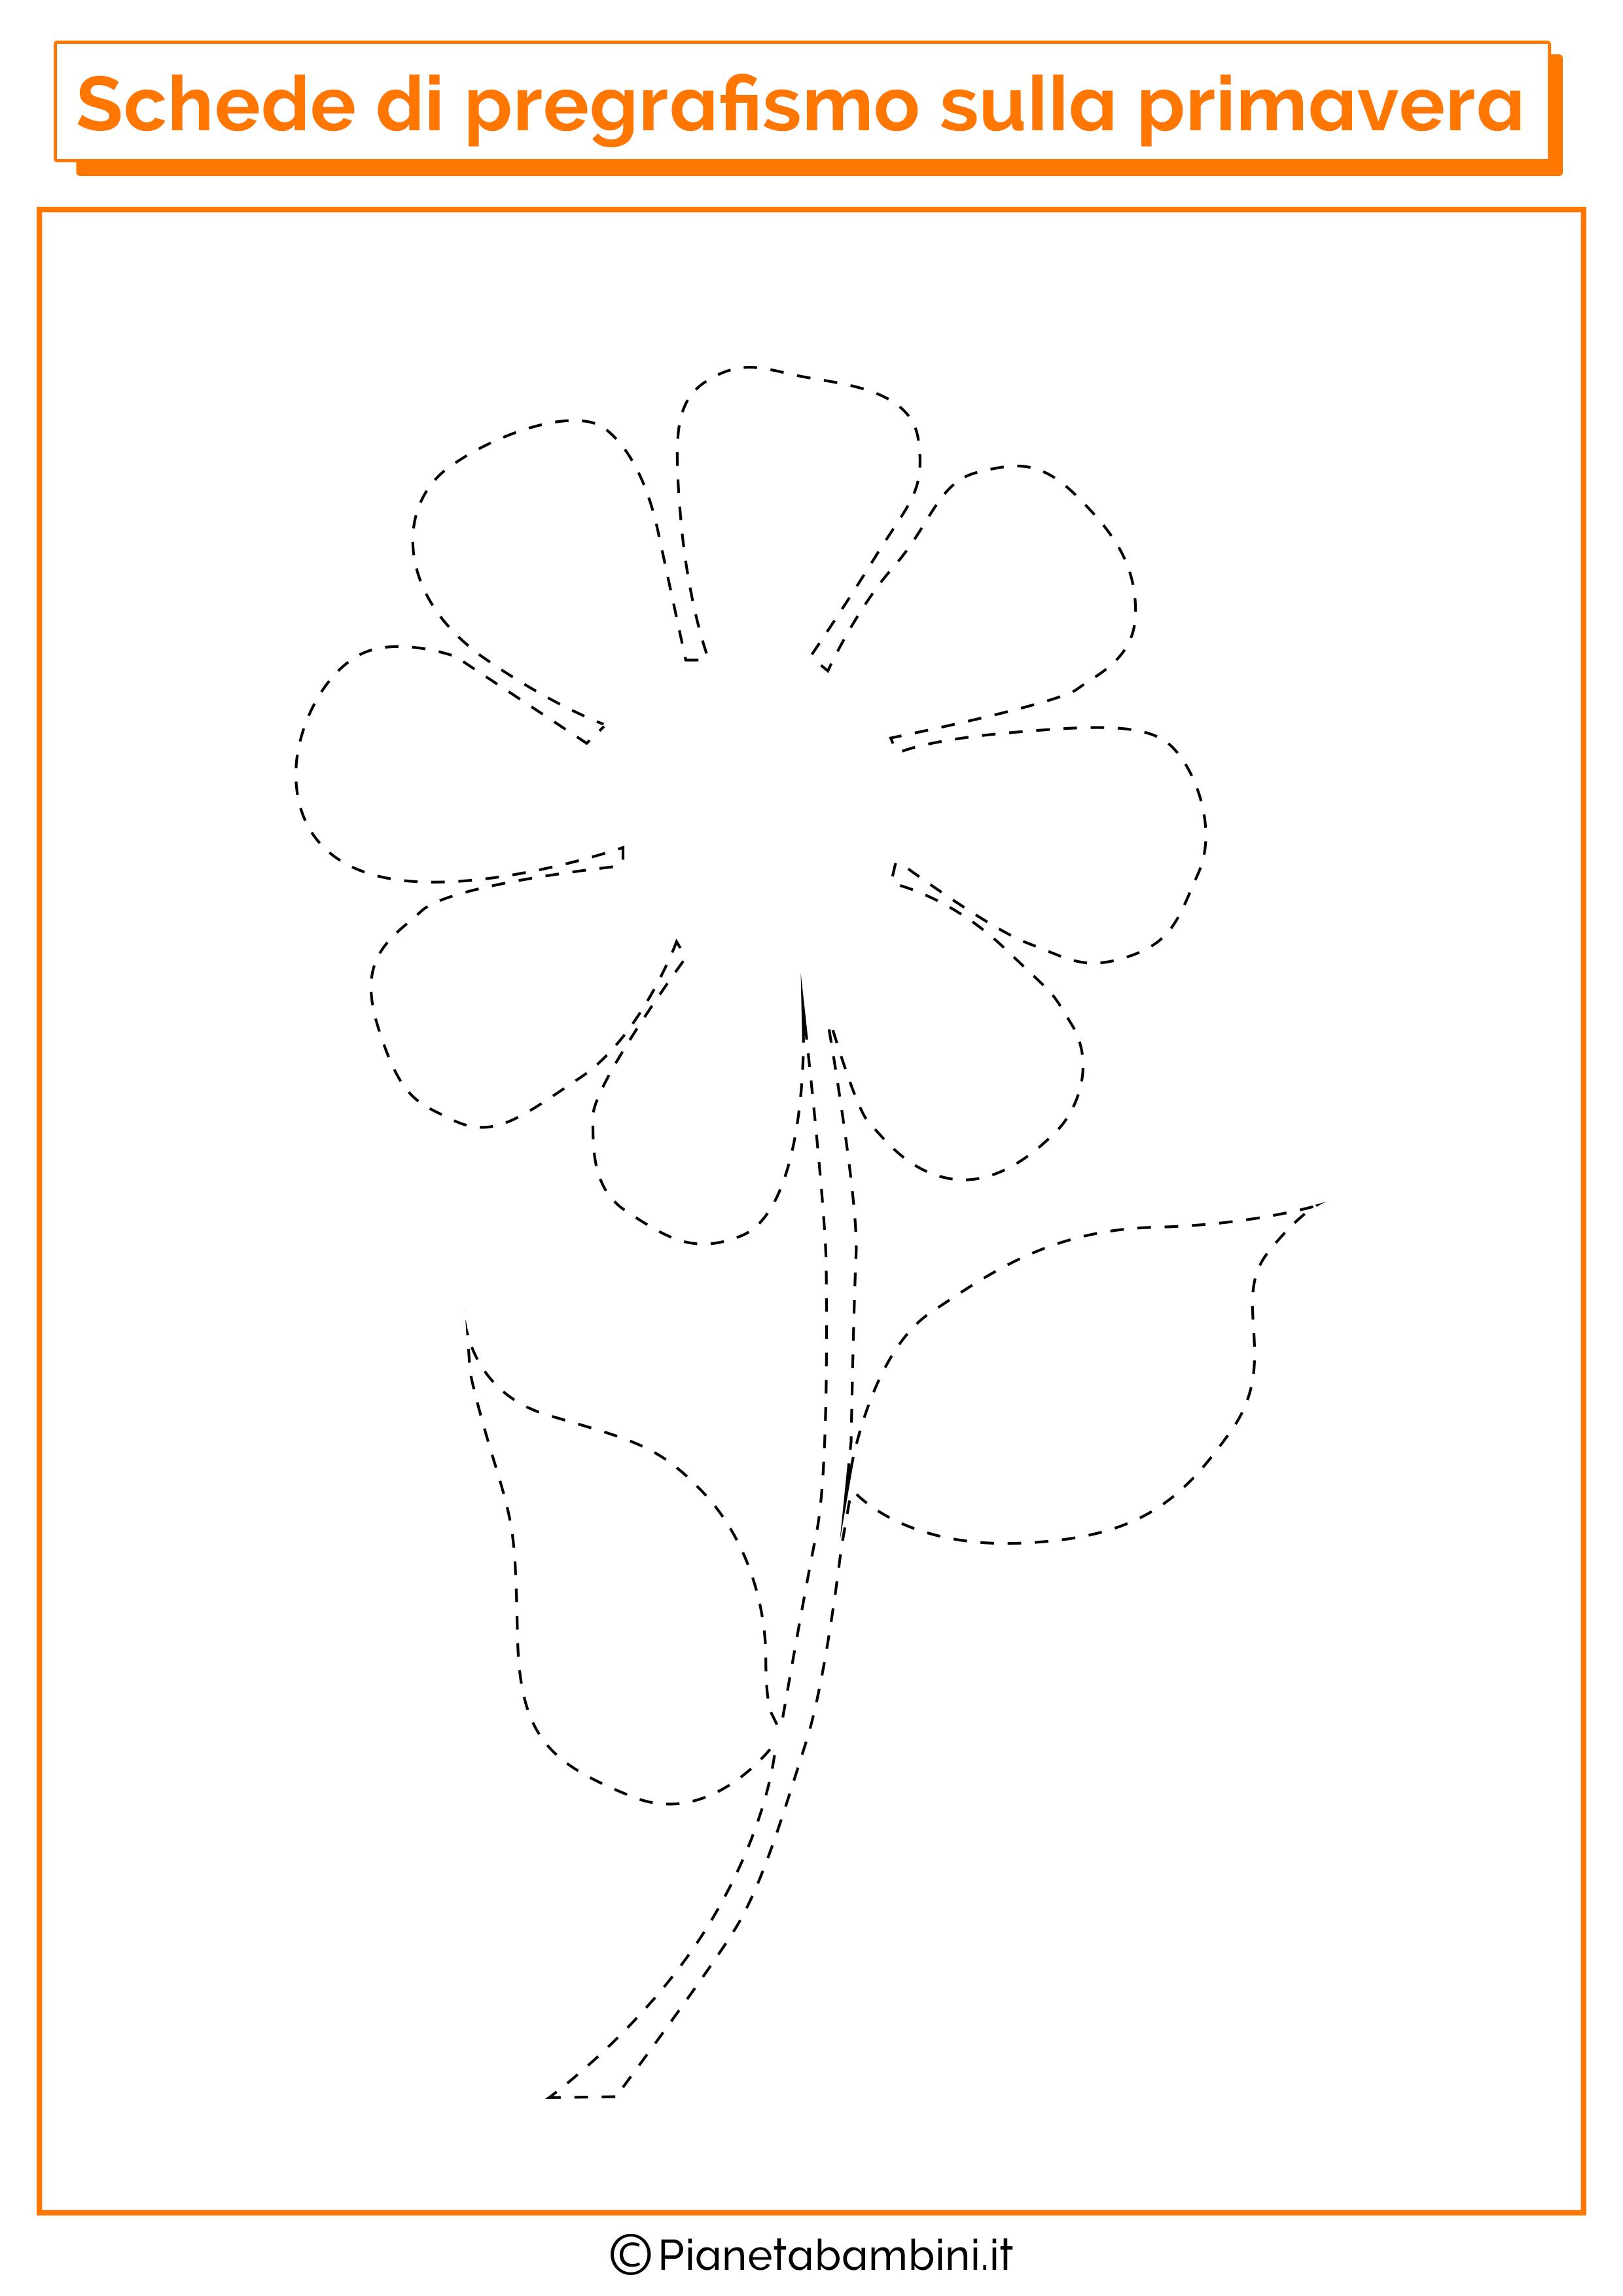 Pregrafismo-Primavera-Margherita